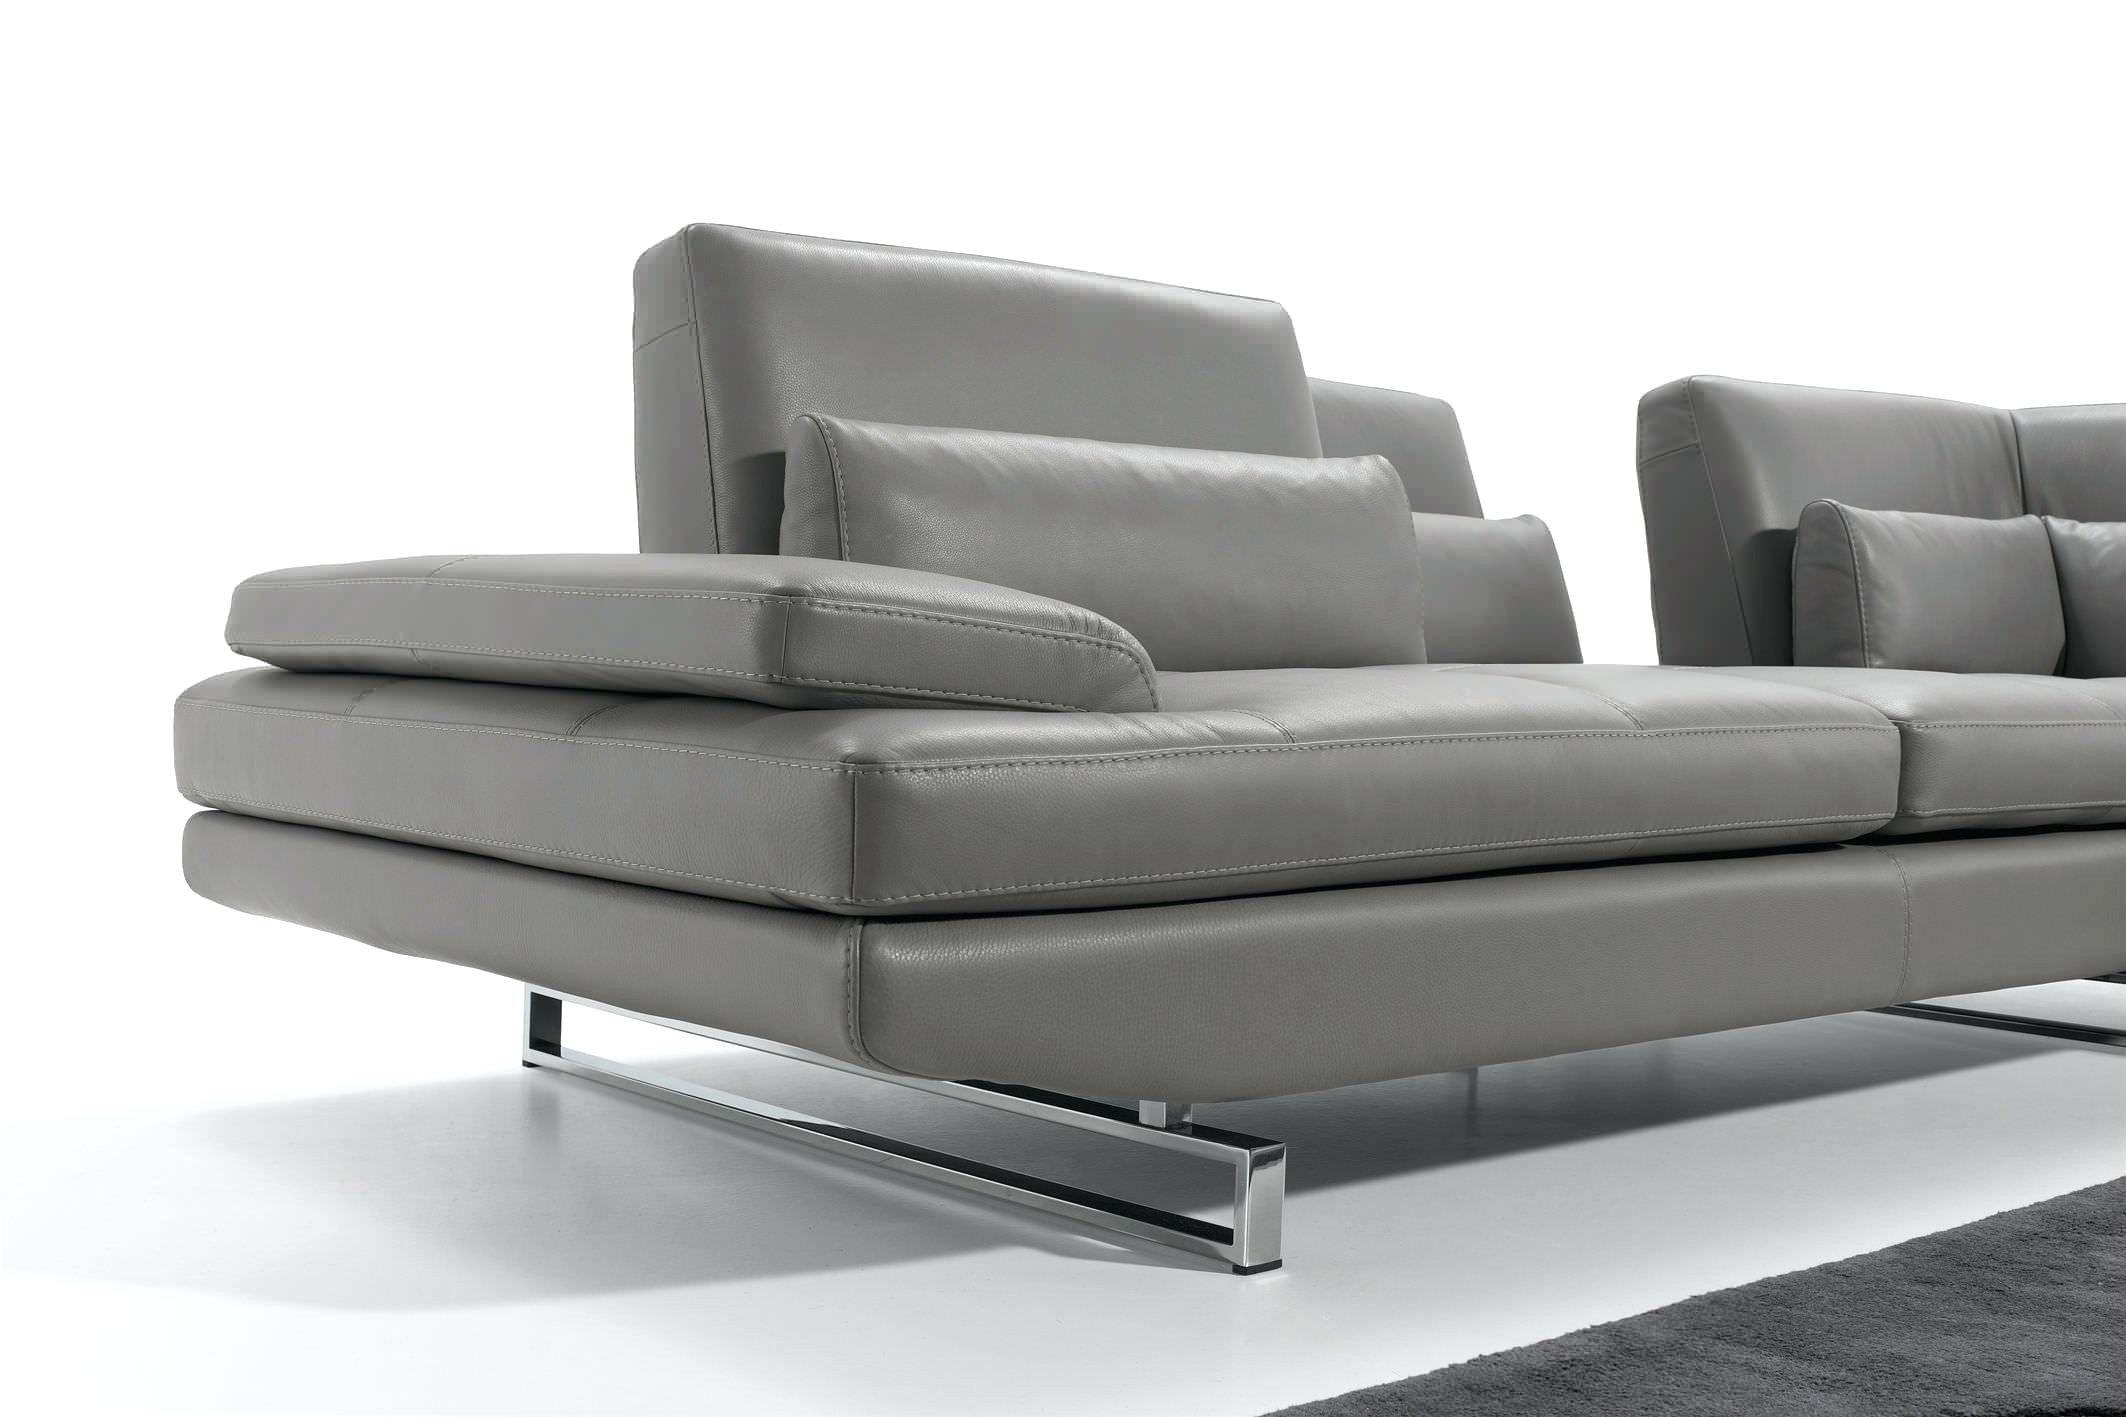 Lit Superposé Evolutif De Luxe Entra Nant Lit Superposé Avec Canapé Sur Lit Biné Armoire Fresh Lit